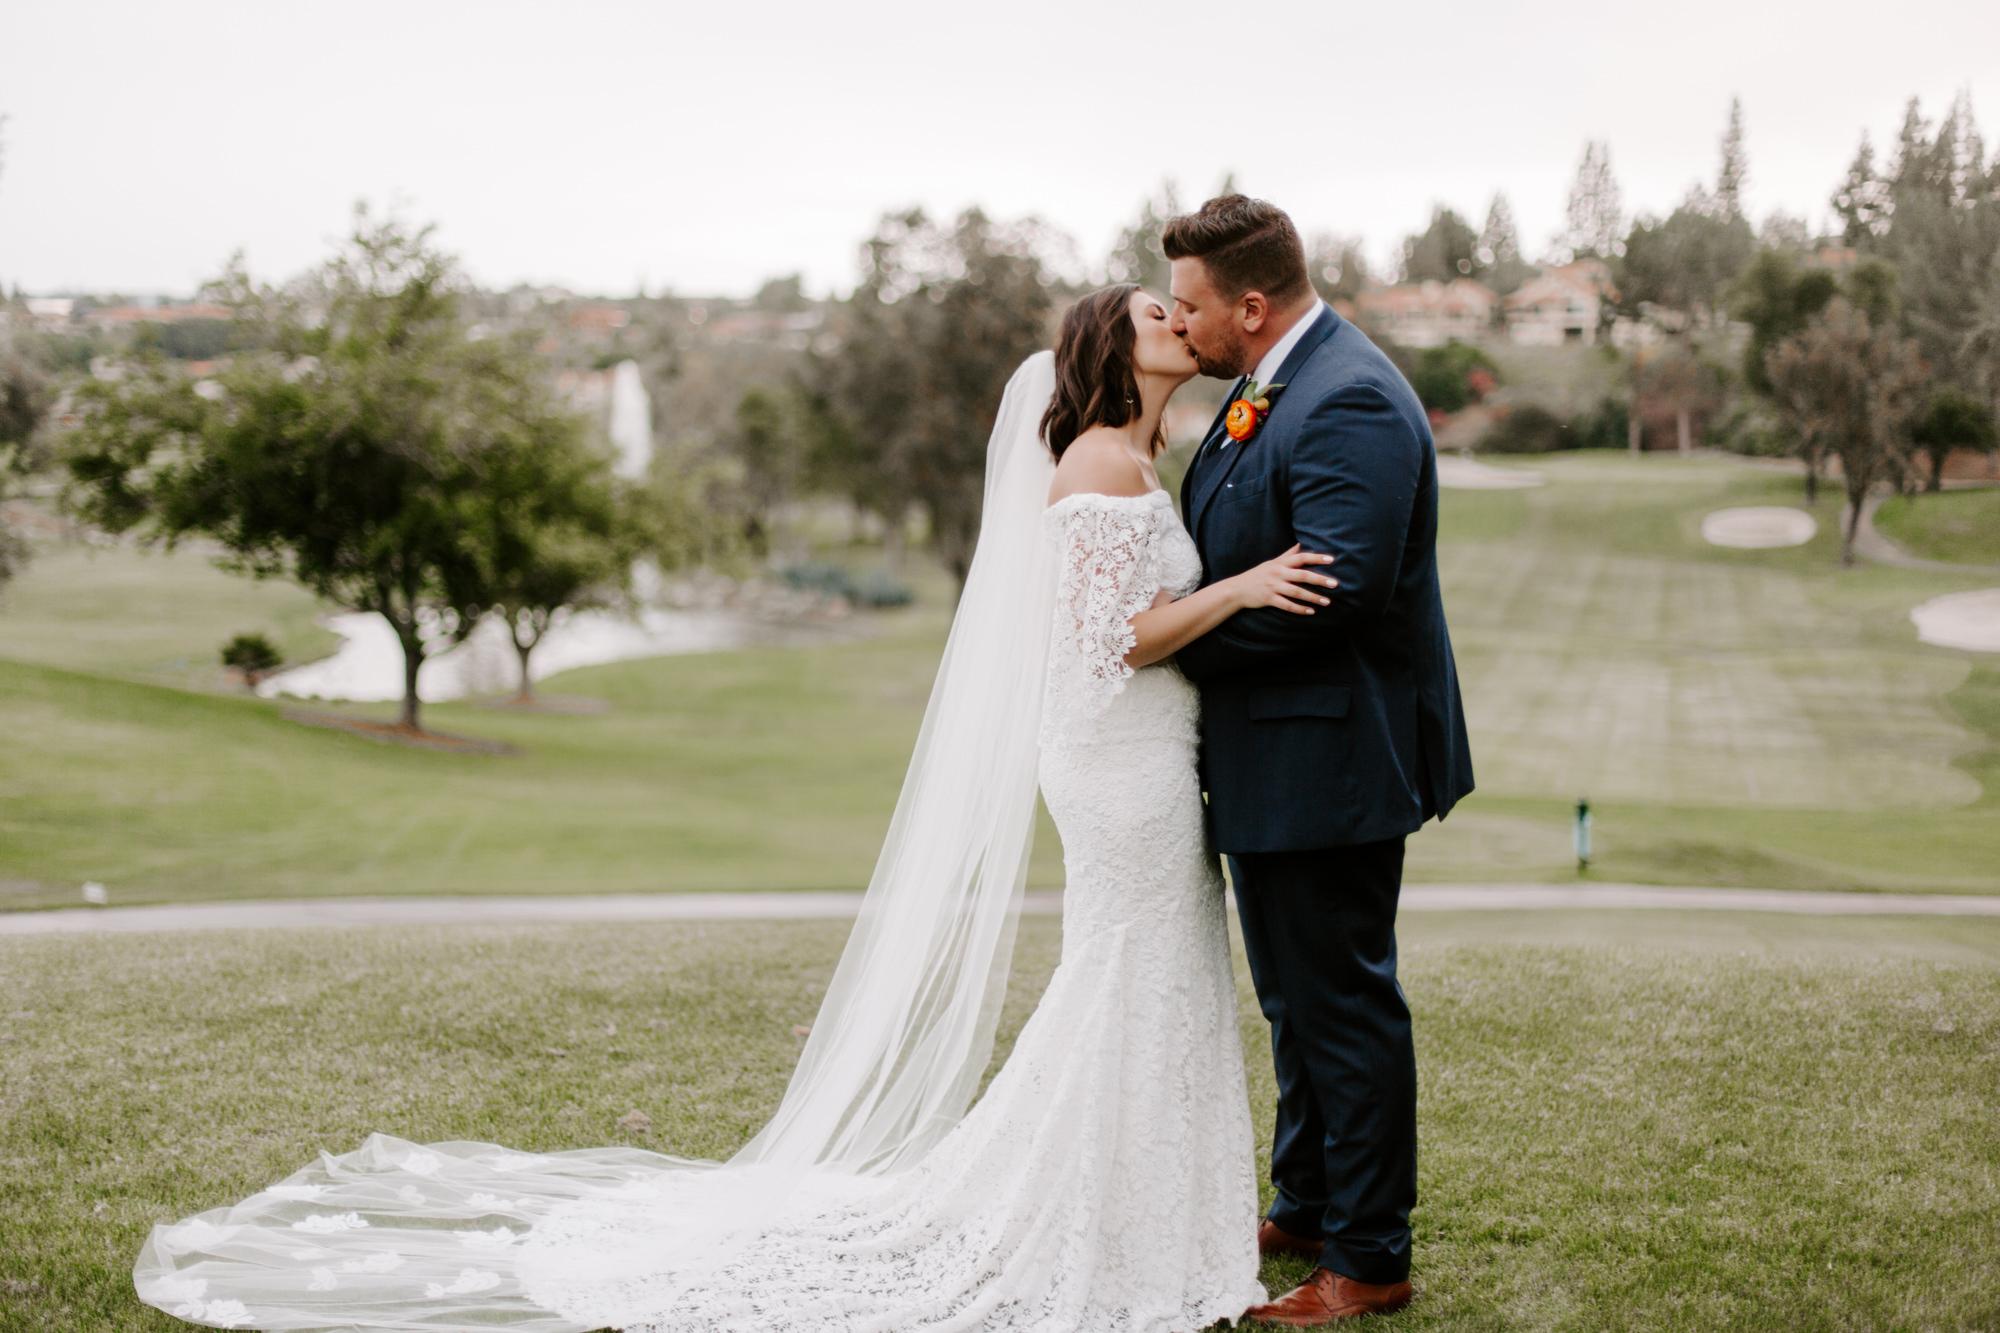 Rancho bernardo Inn san deigo wedding photography0068.jpg